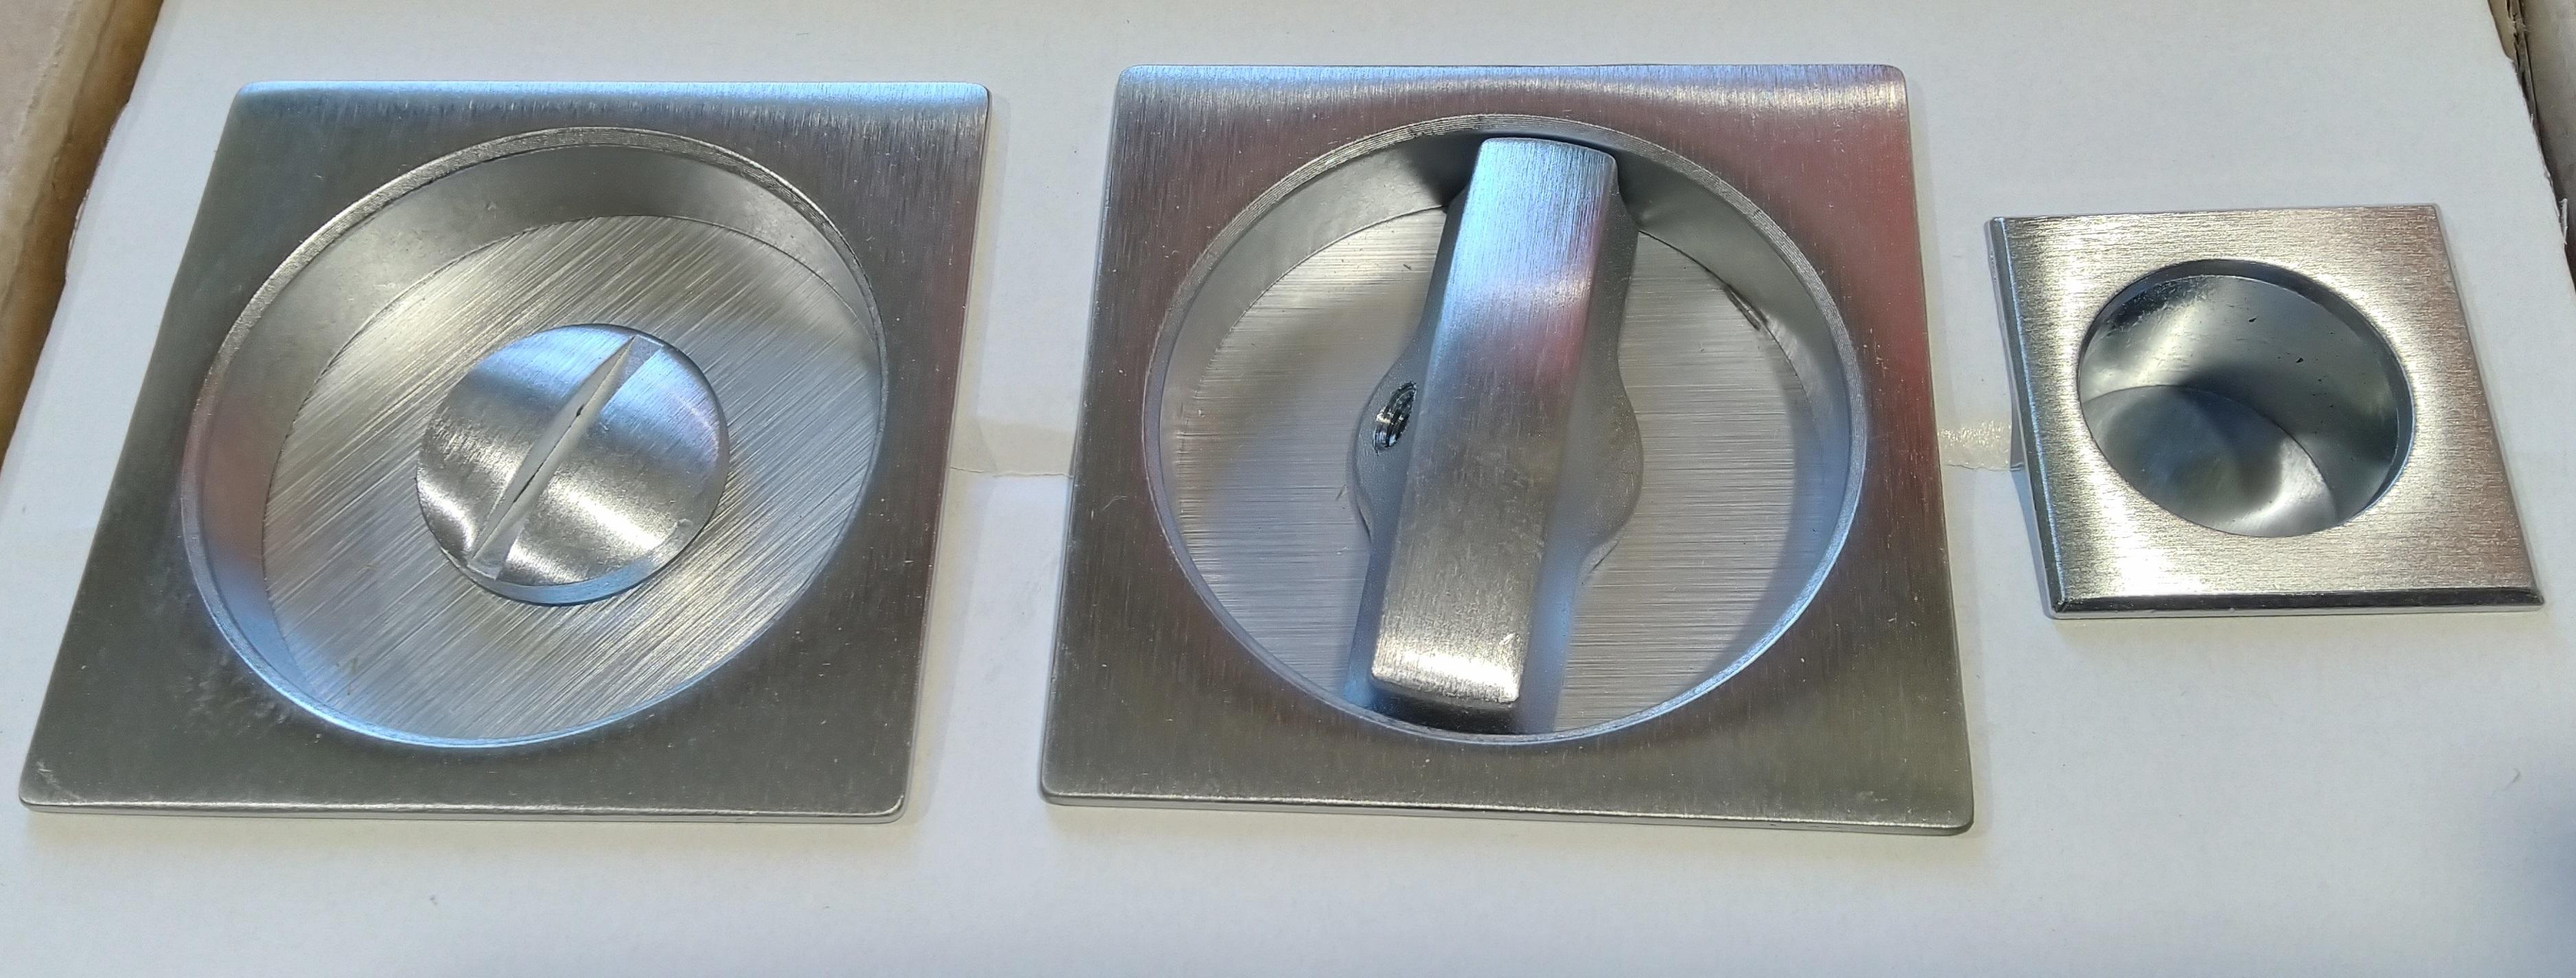 Kit maniglia quadra per porte scorrevoli NICCHIA - COMIT